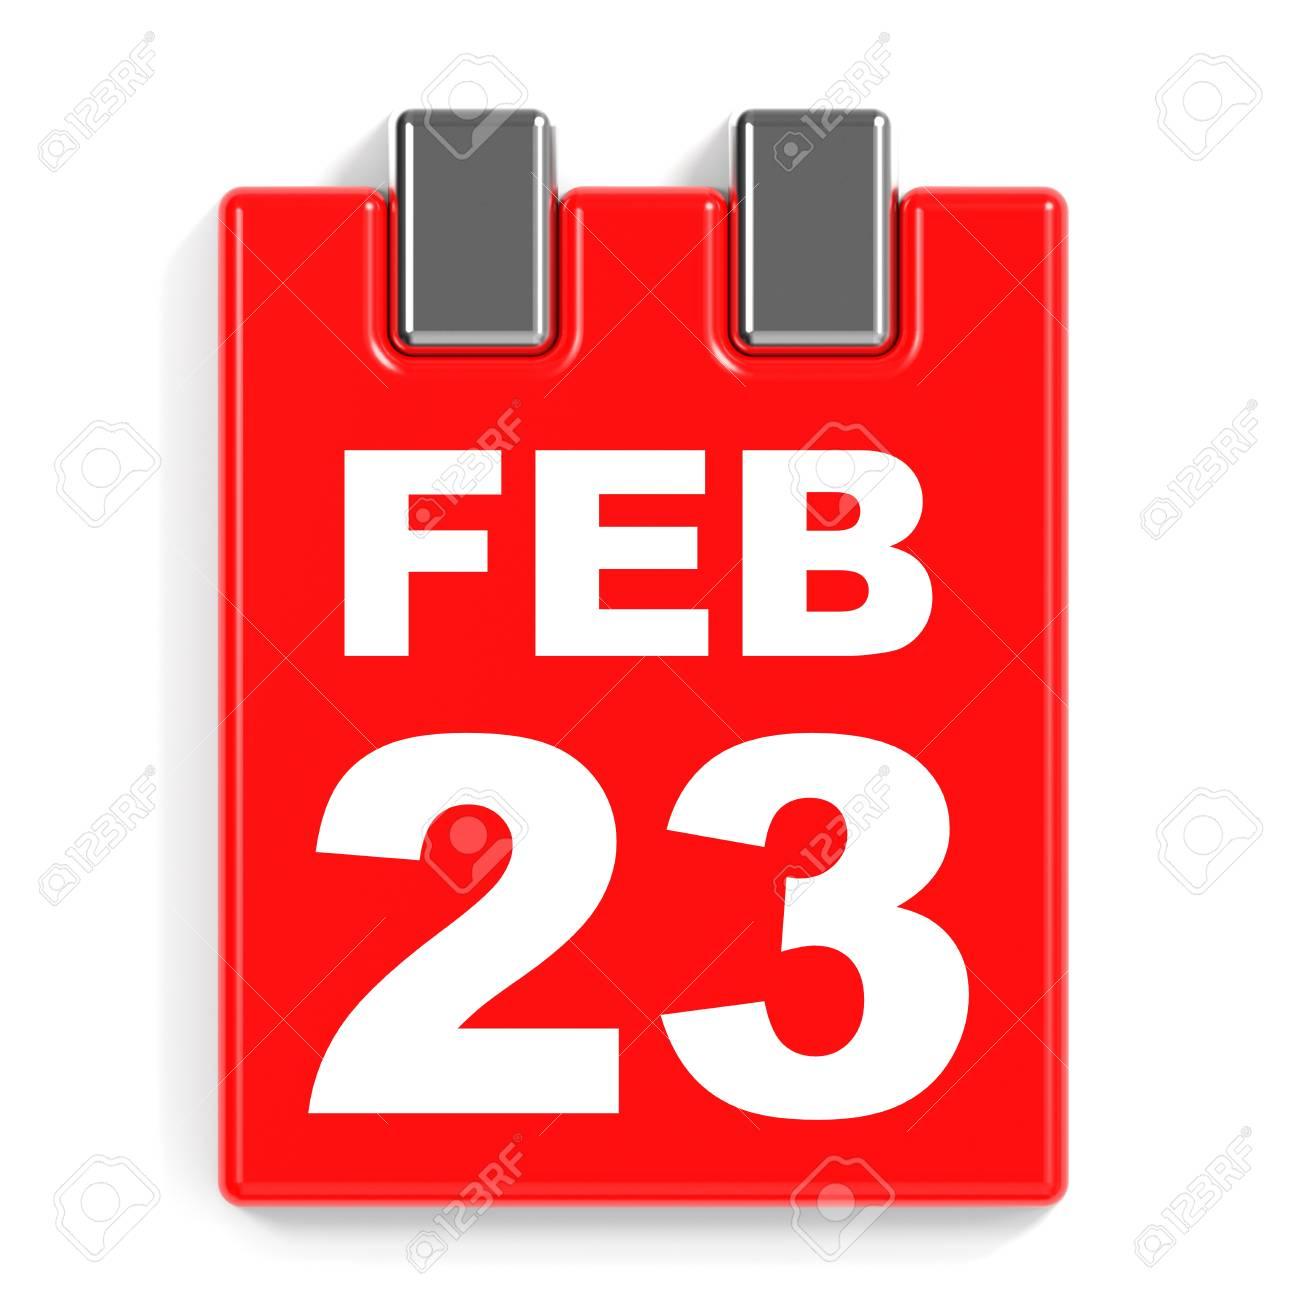 23 De Febrero De Calendario En El Fondo Blanco. Ilustración 3D. Fotos,  Retratos, Imágenes Y Fotografía De Archivo Libres De Derecho. Image  64241057.